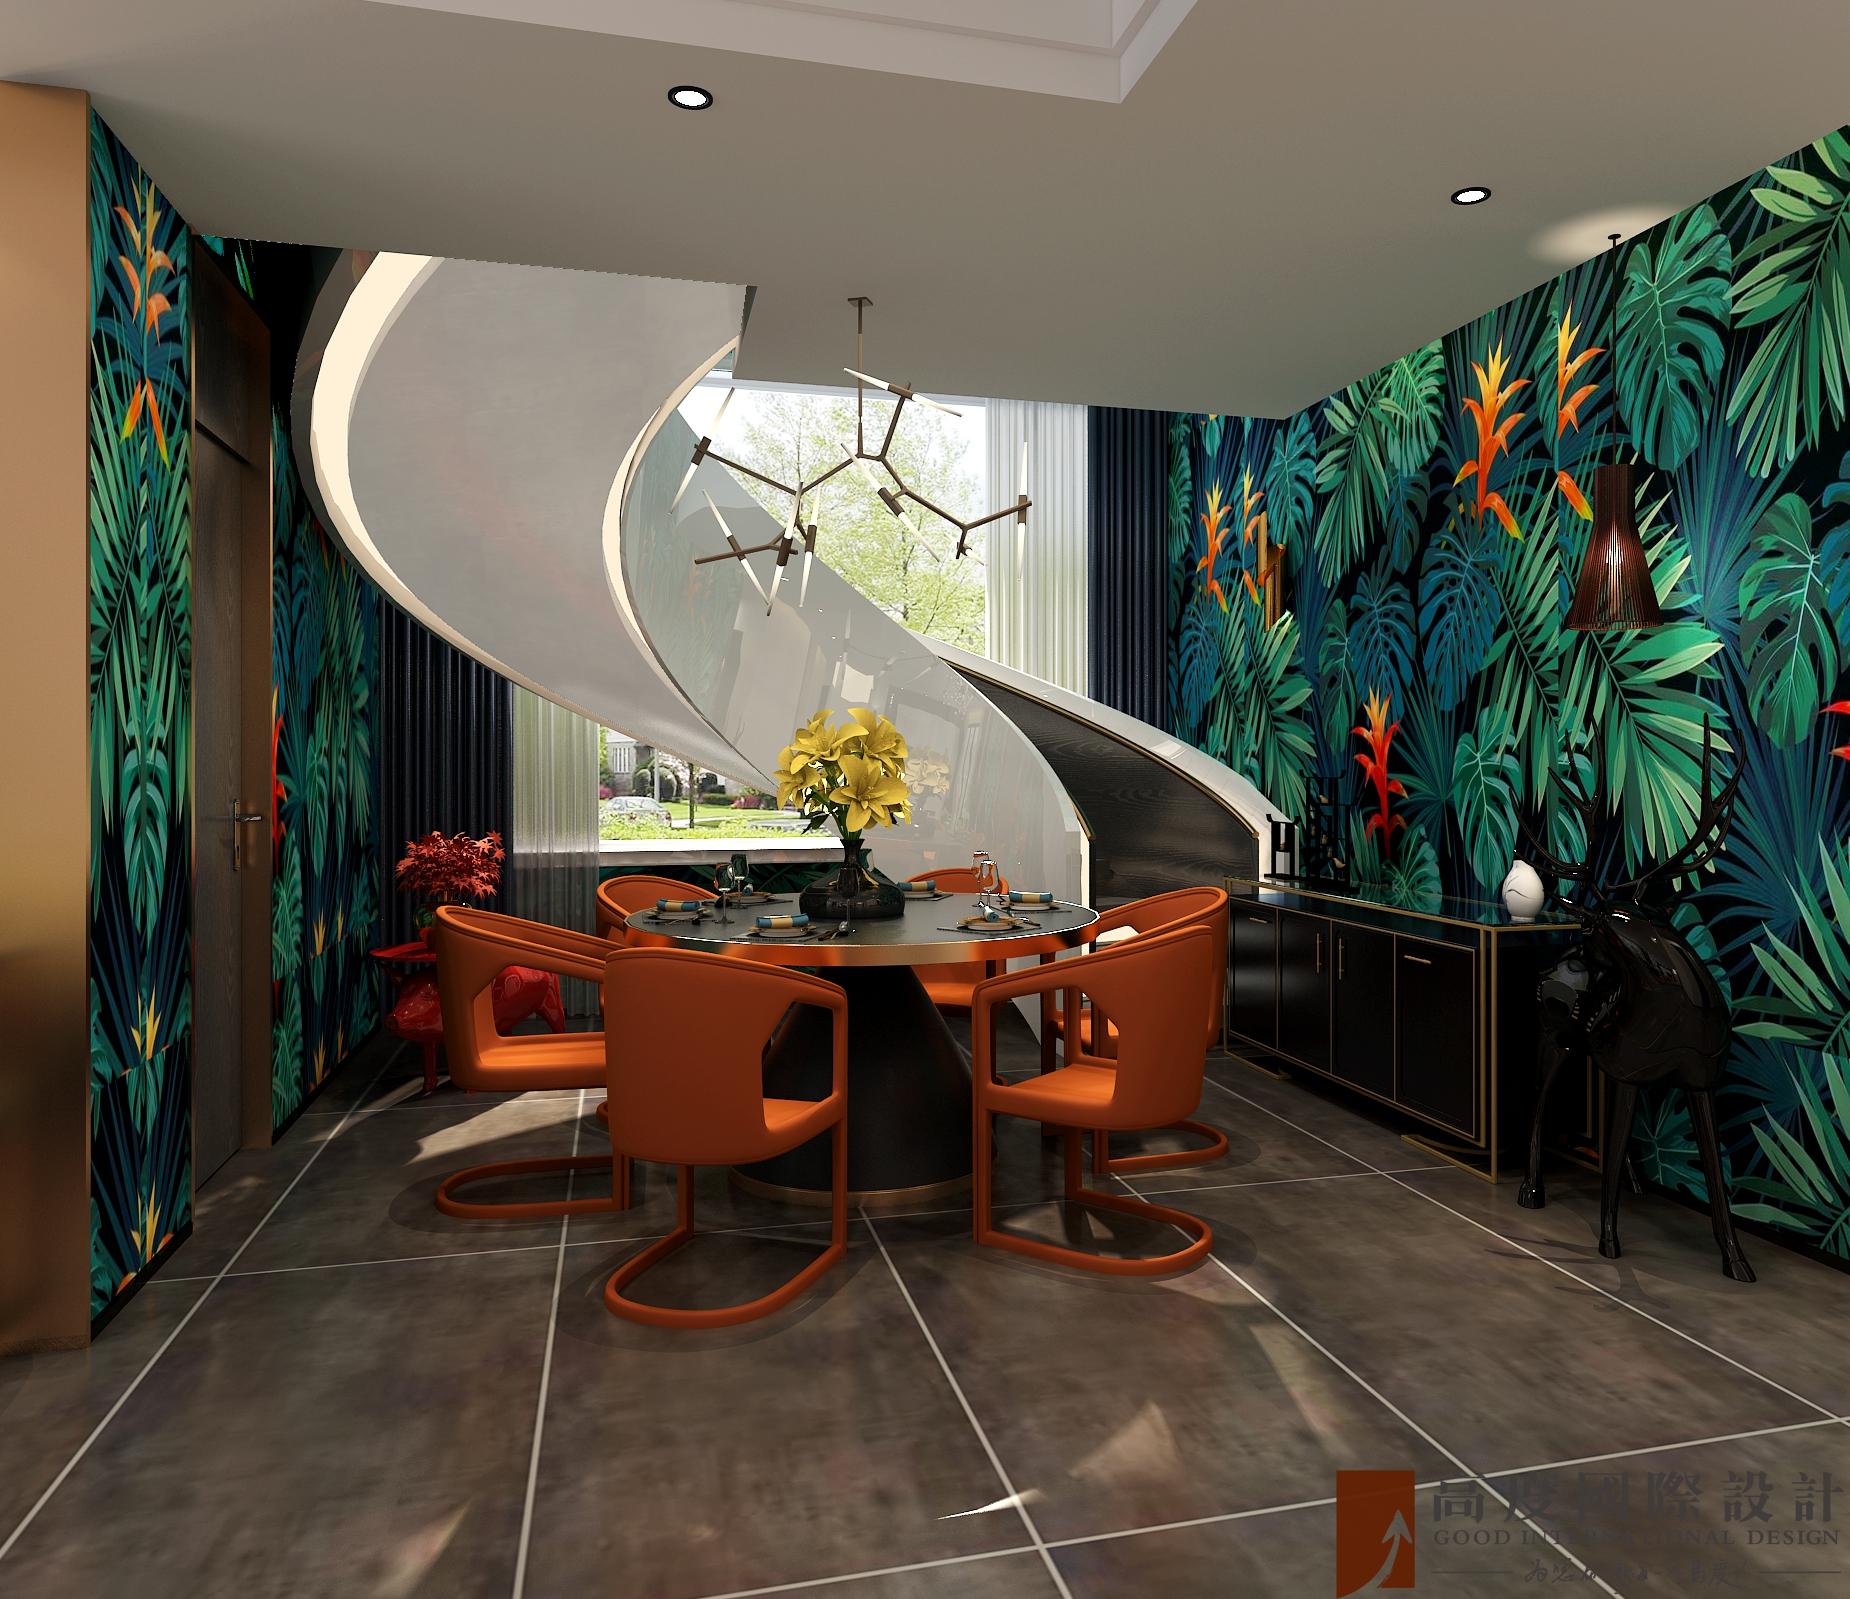 简约 复式 跃层 大户型 别墅 80后 小资 餐厅图片来自高度国际姚吉智在万城华府334平米复式当代简约的分享